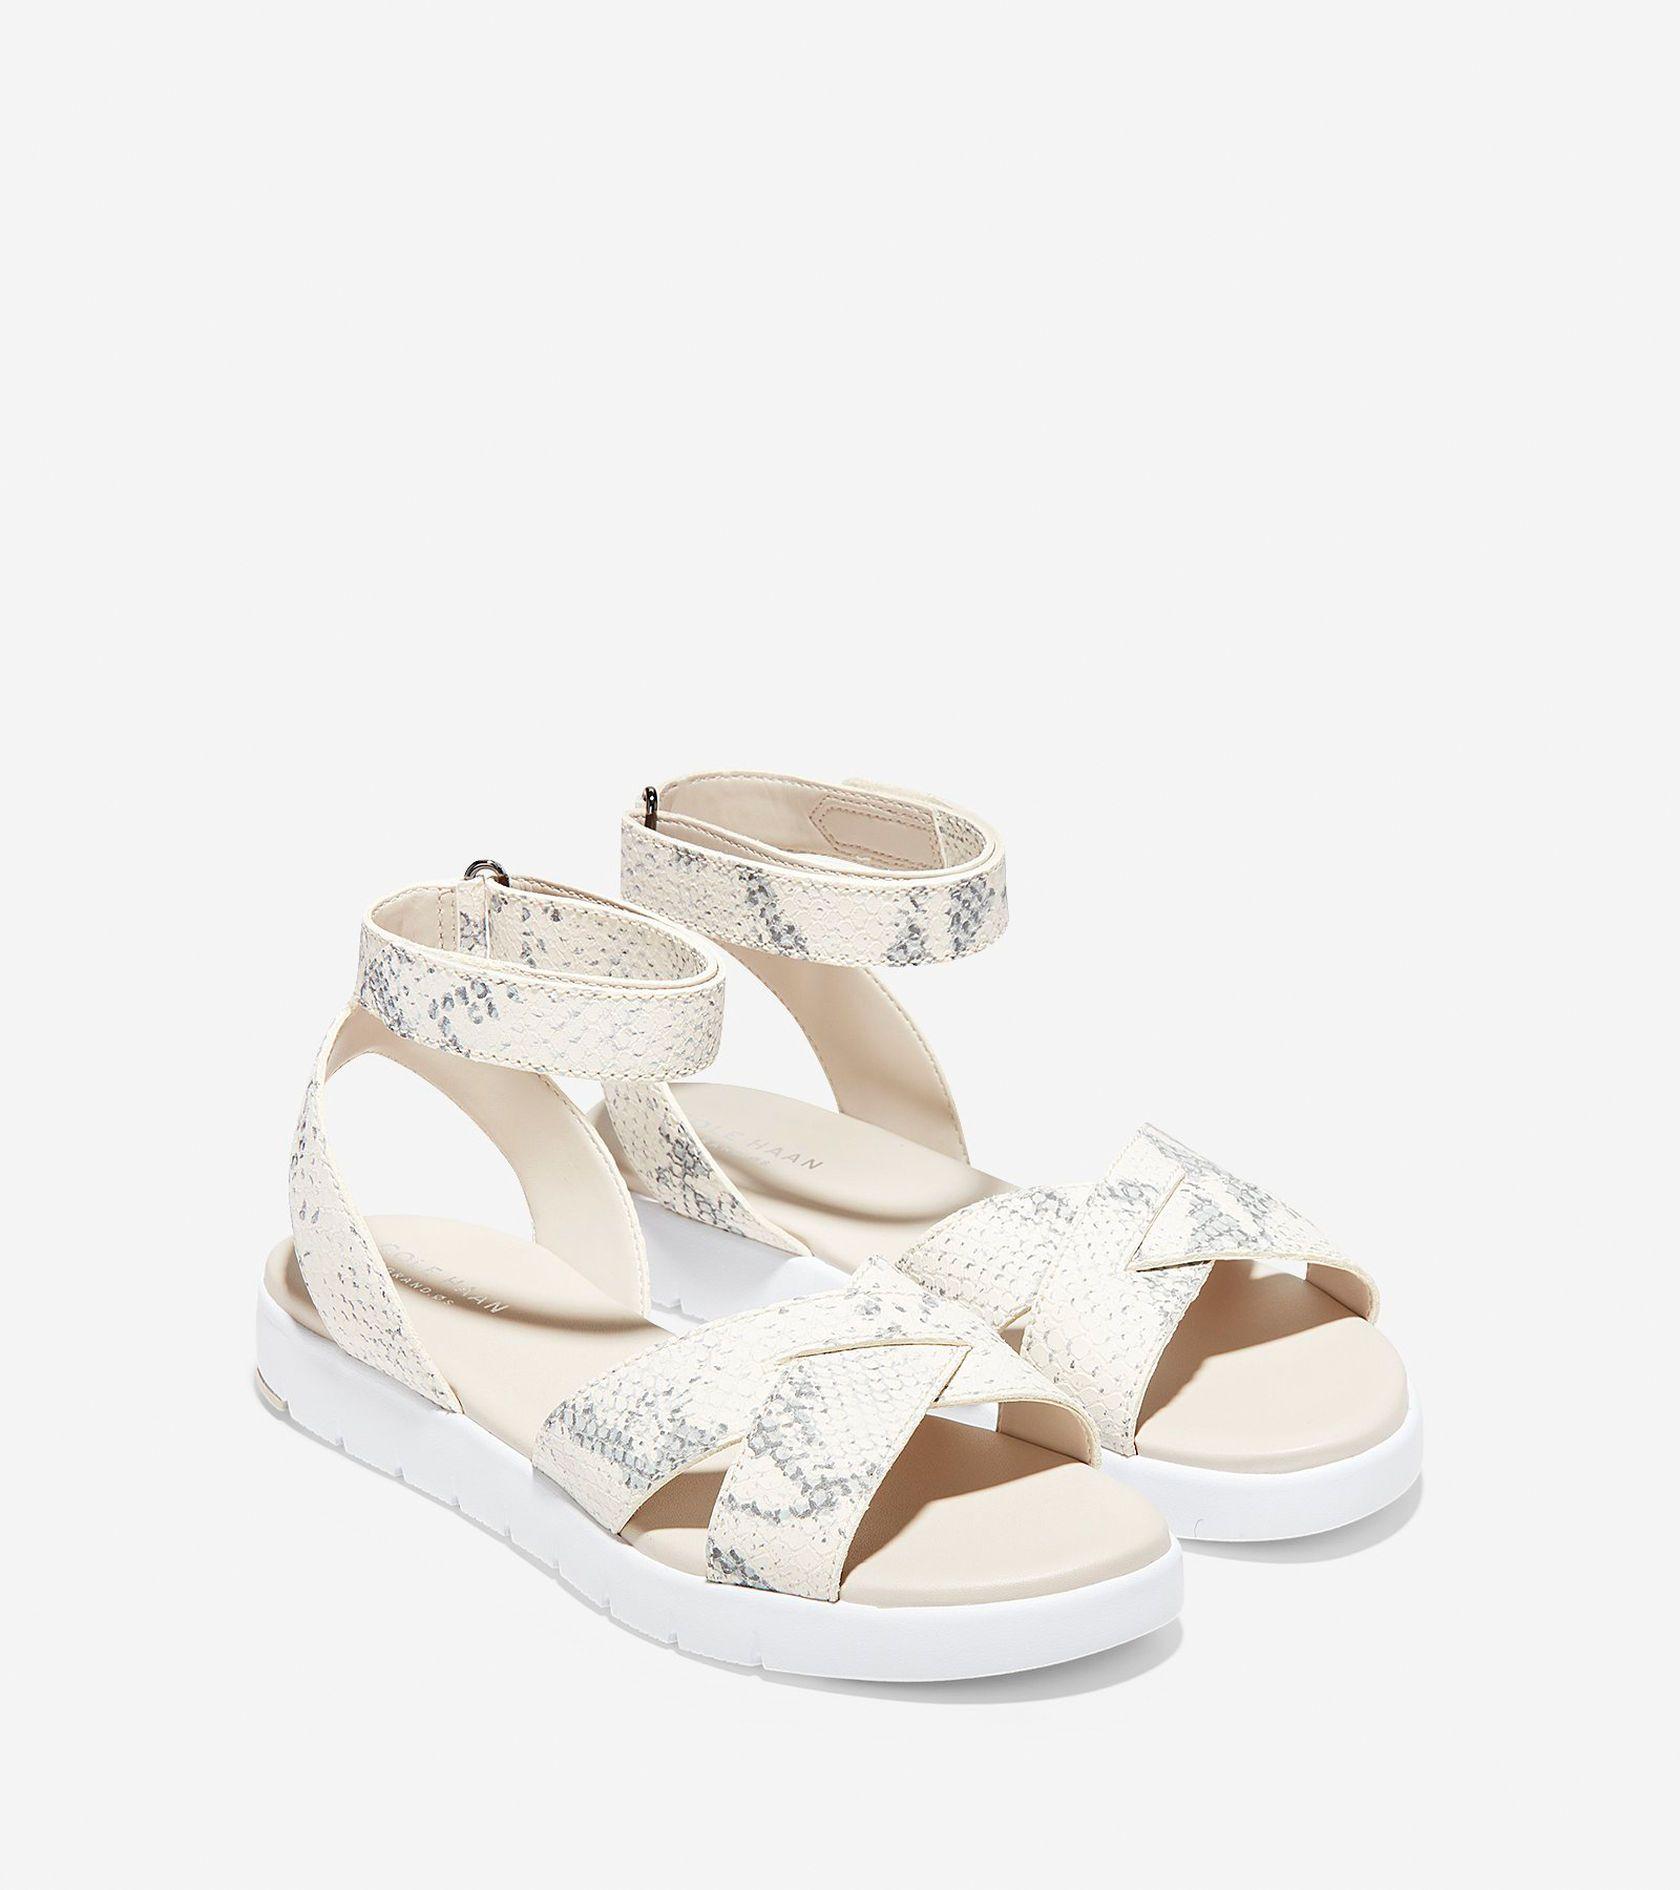 Strap sandals, Strap sandals women